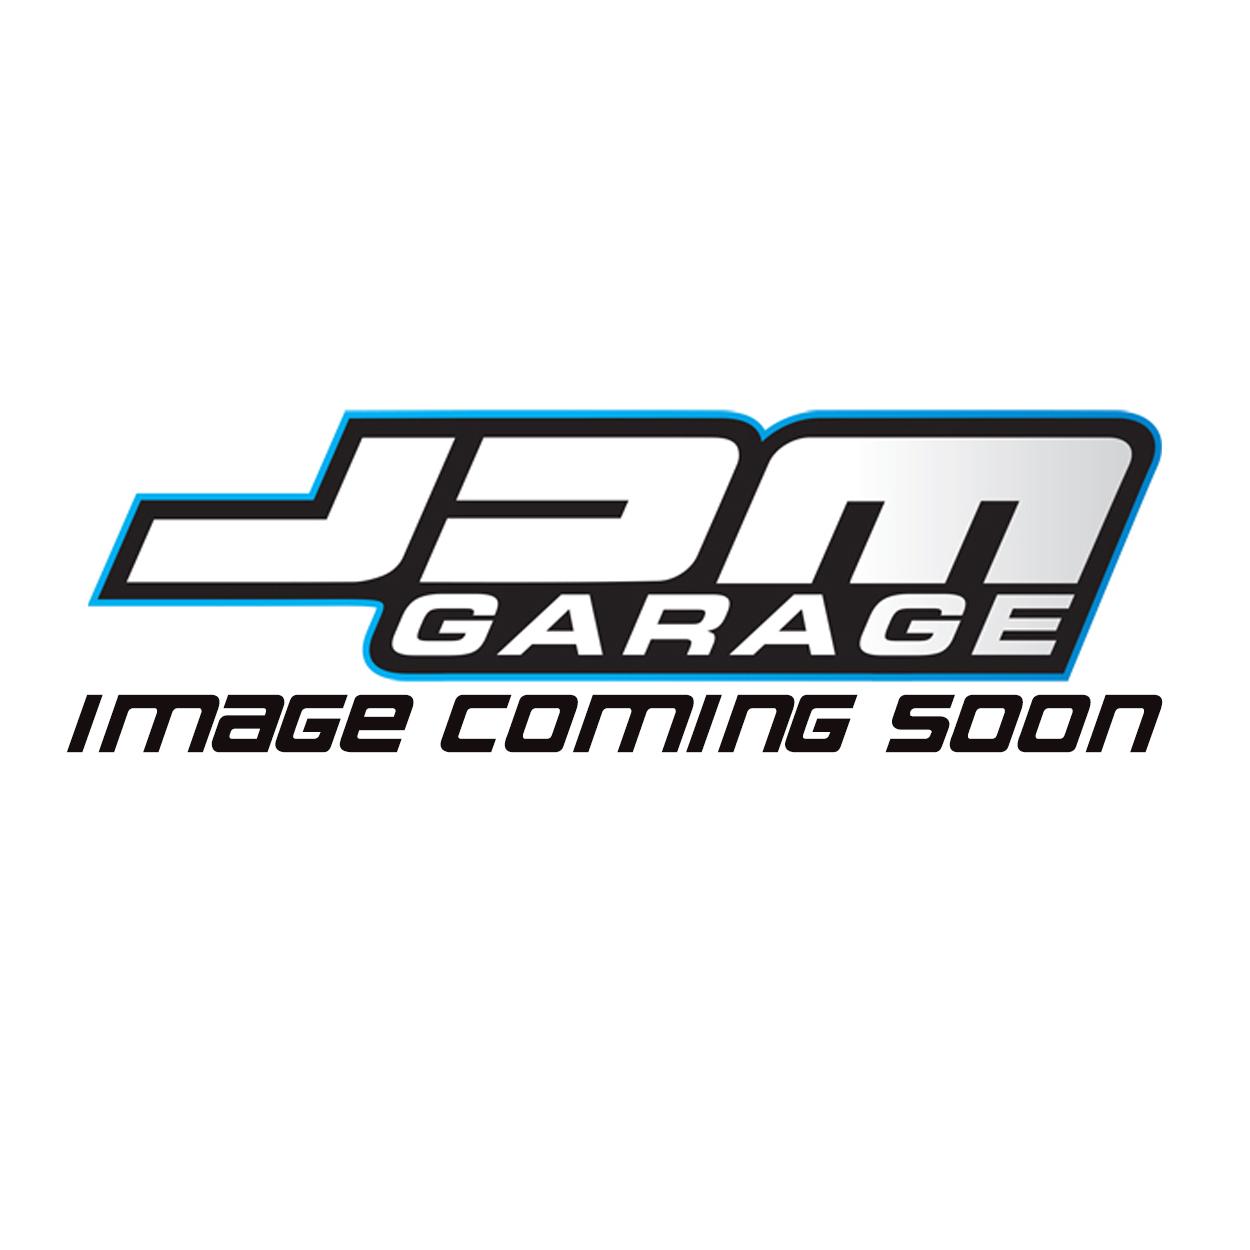 Genuine Toyota Timing Belt Guide 1JZGTE / 2JZGTE (NonVVTI) 13566-46010